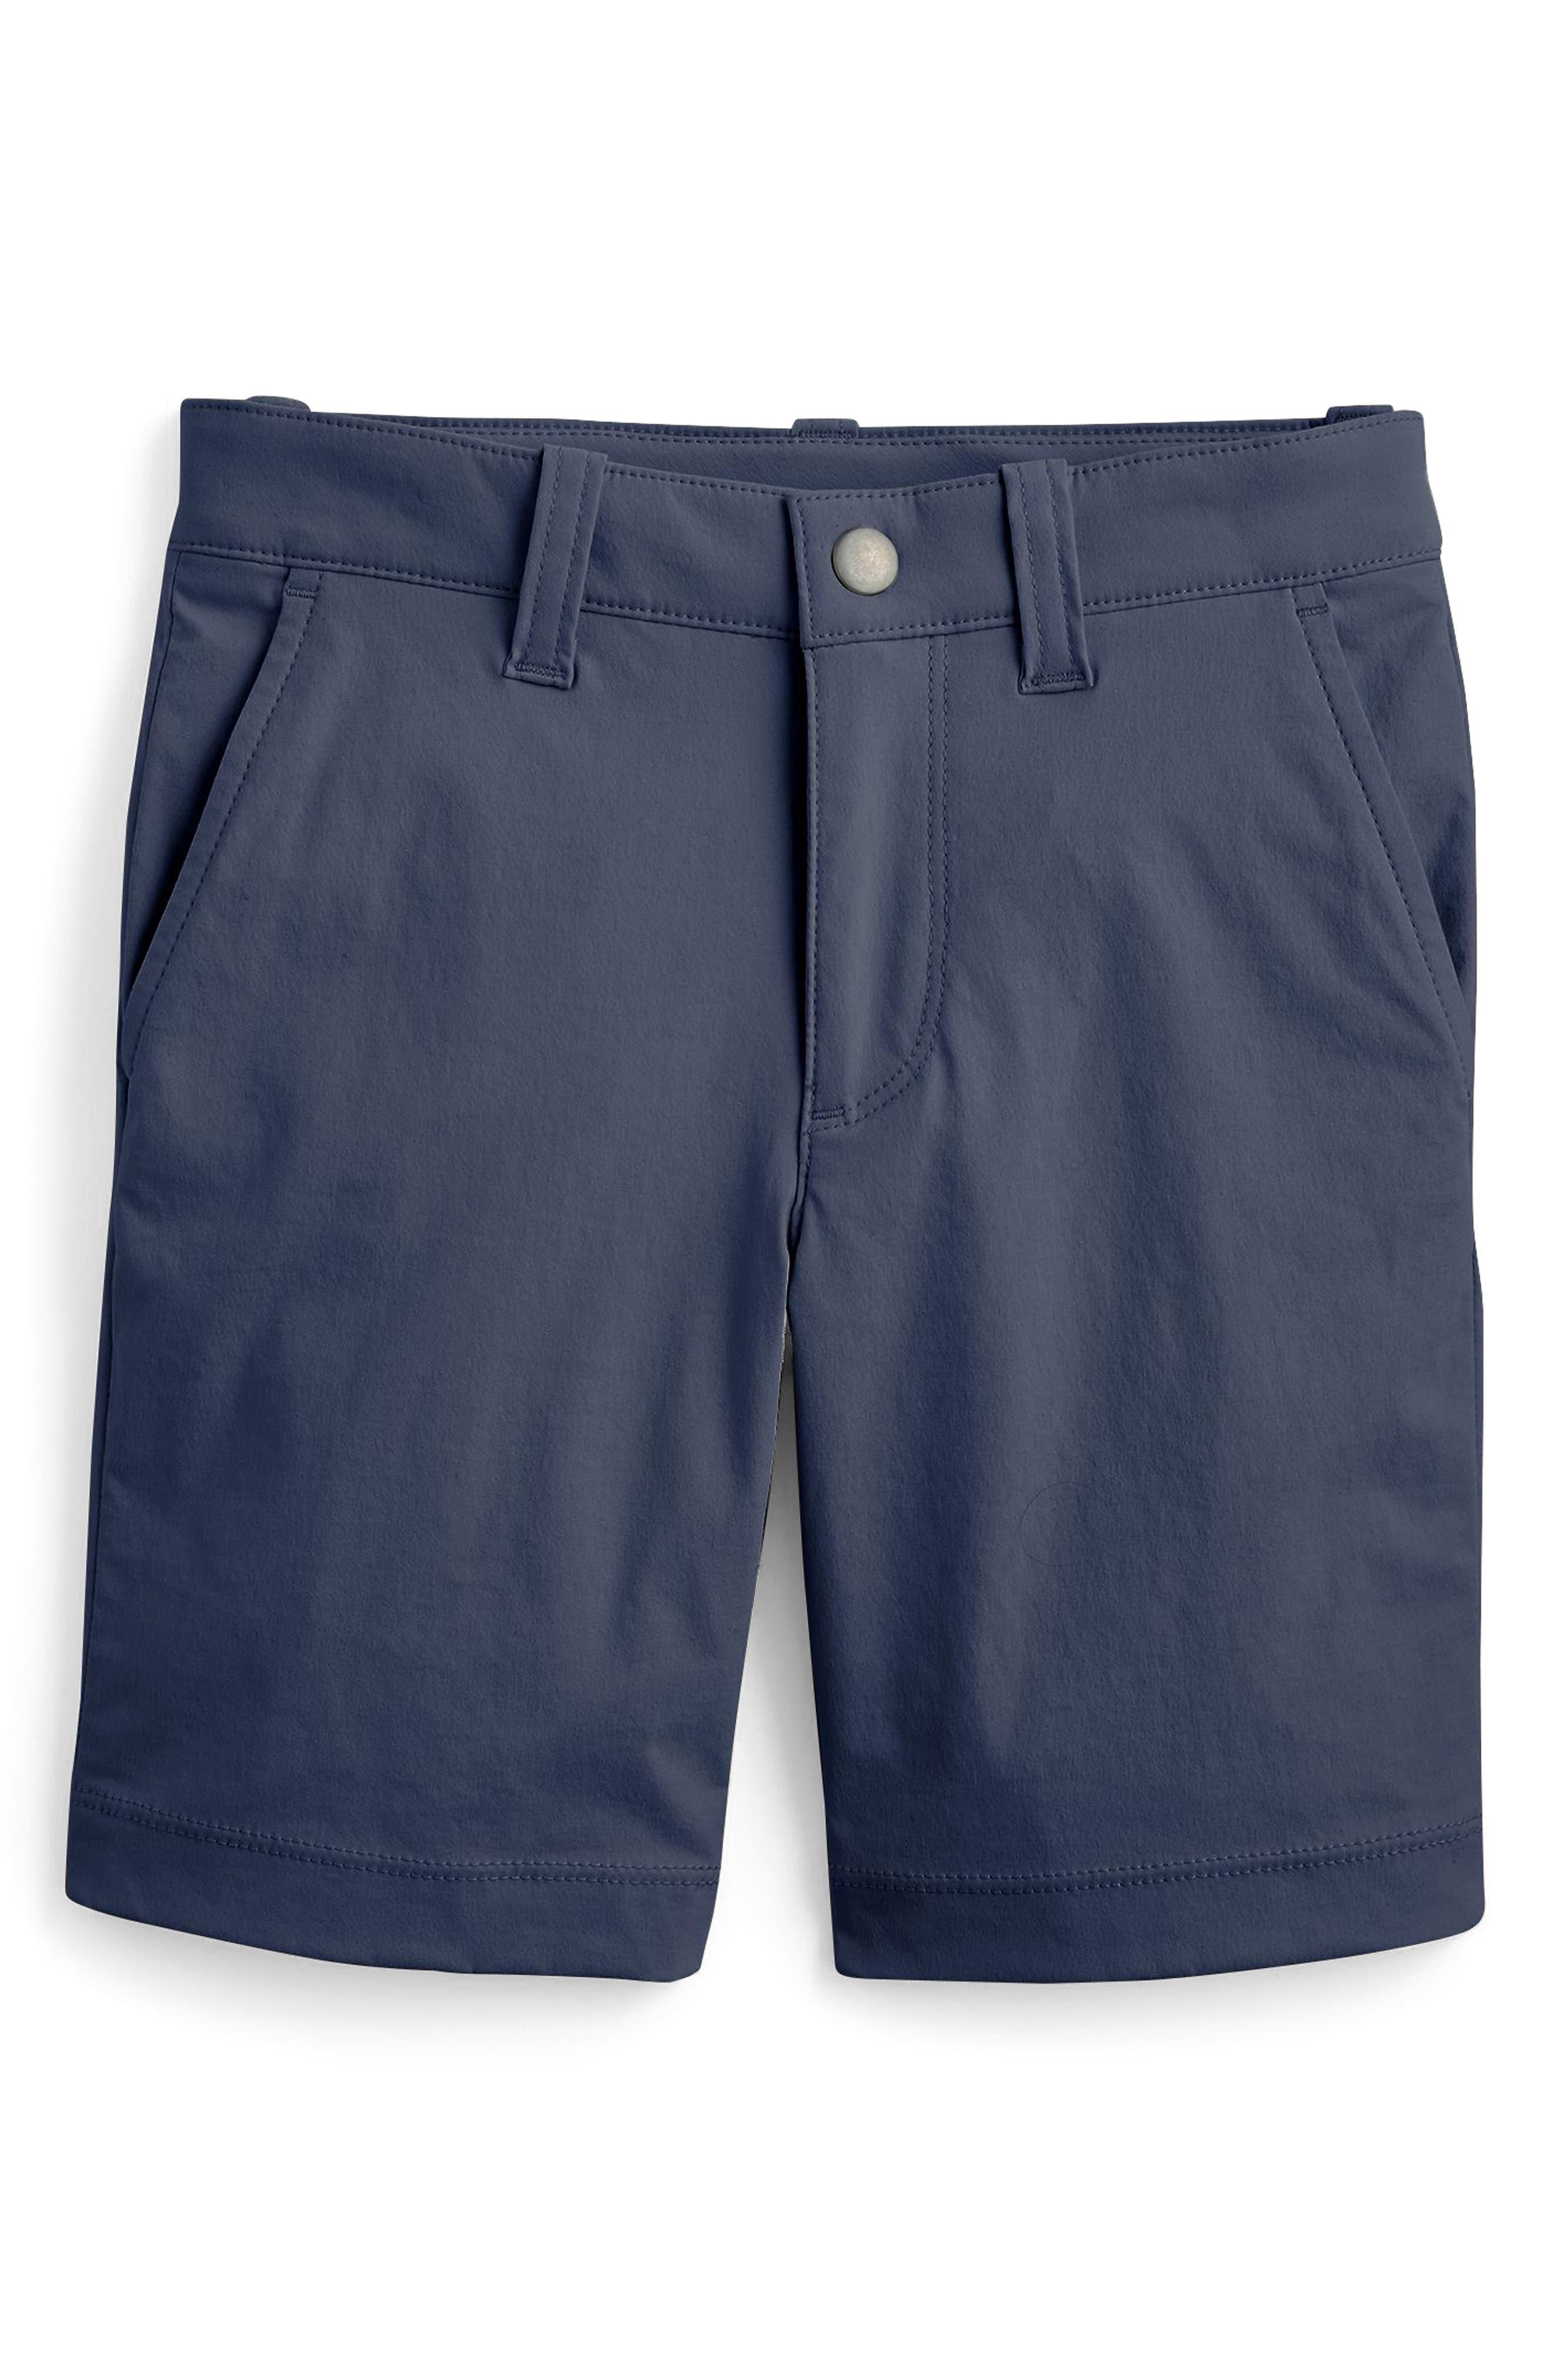 Tech Shorts,                             Main thumbnail 1, color,                             Navy